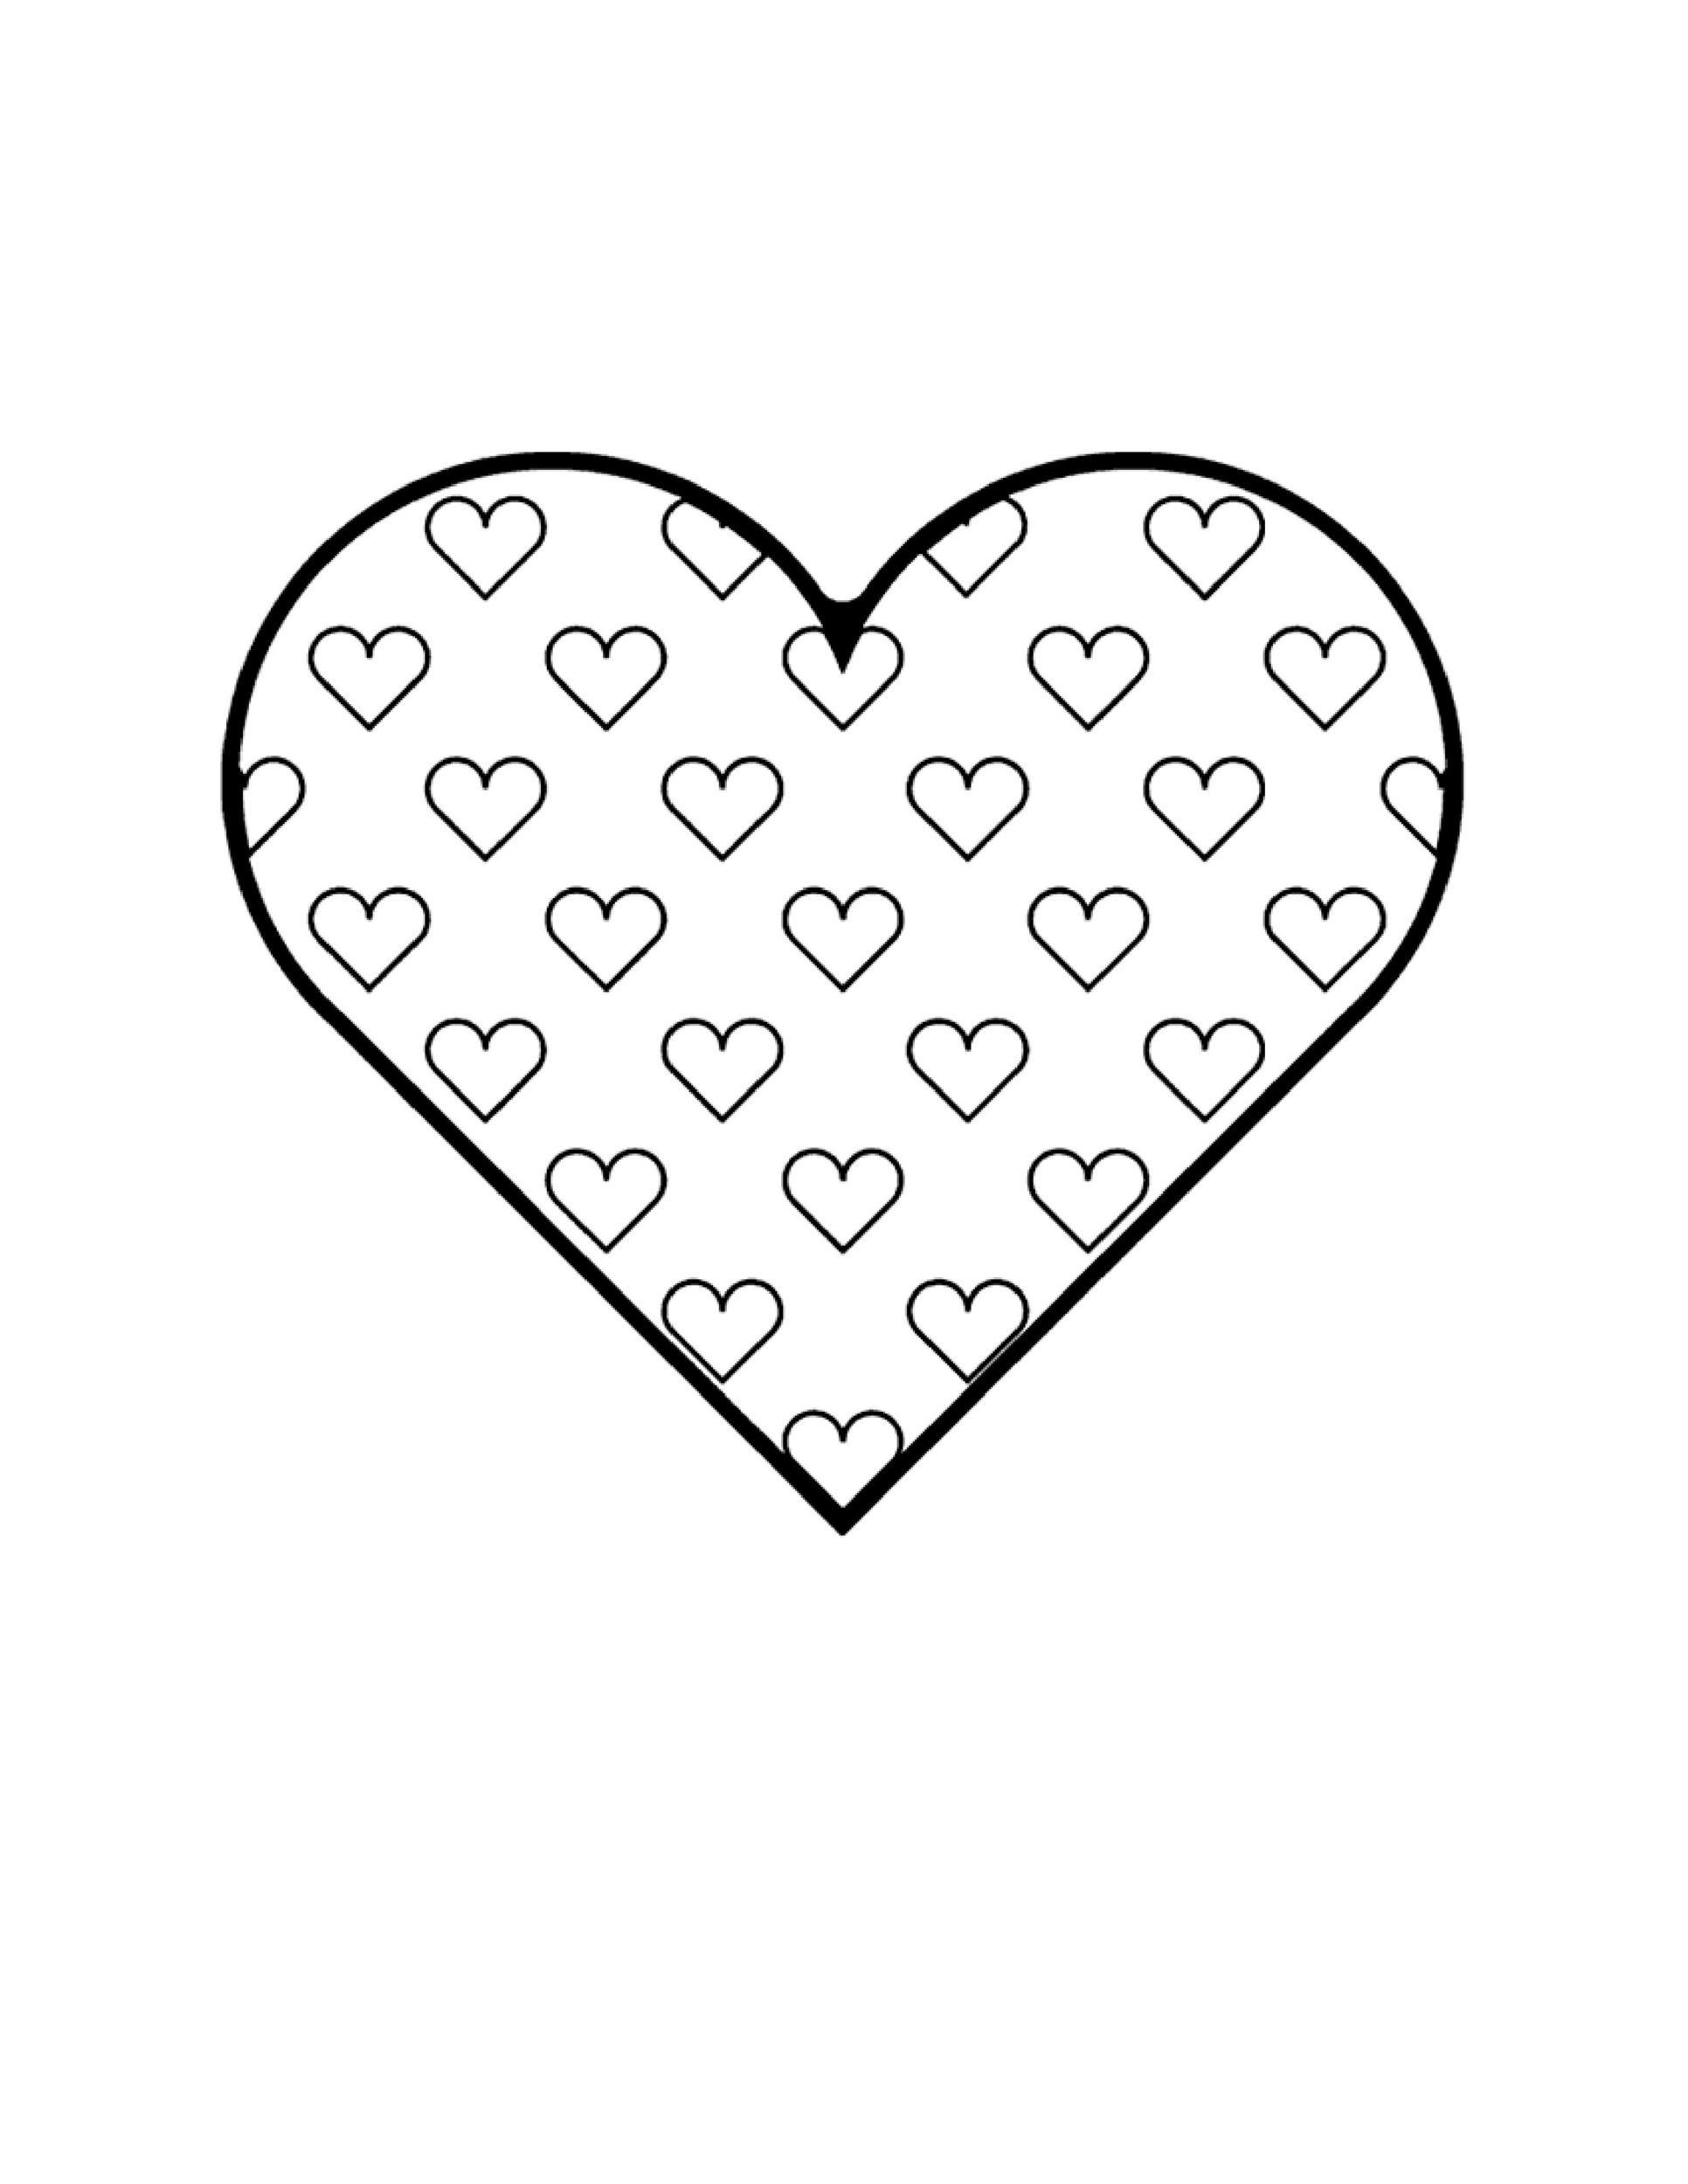 Free Heart Shape Template 33